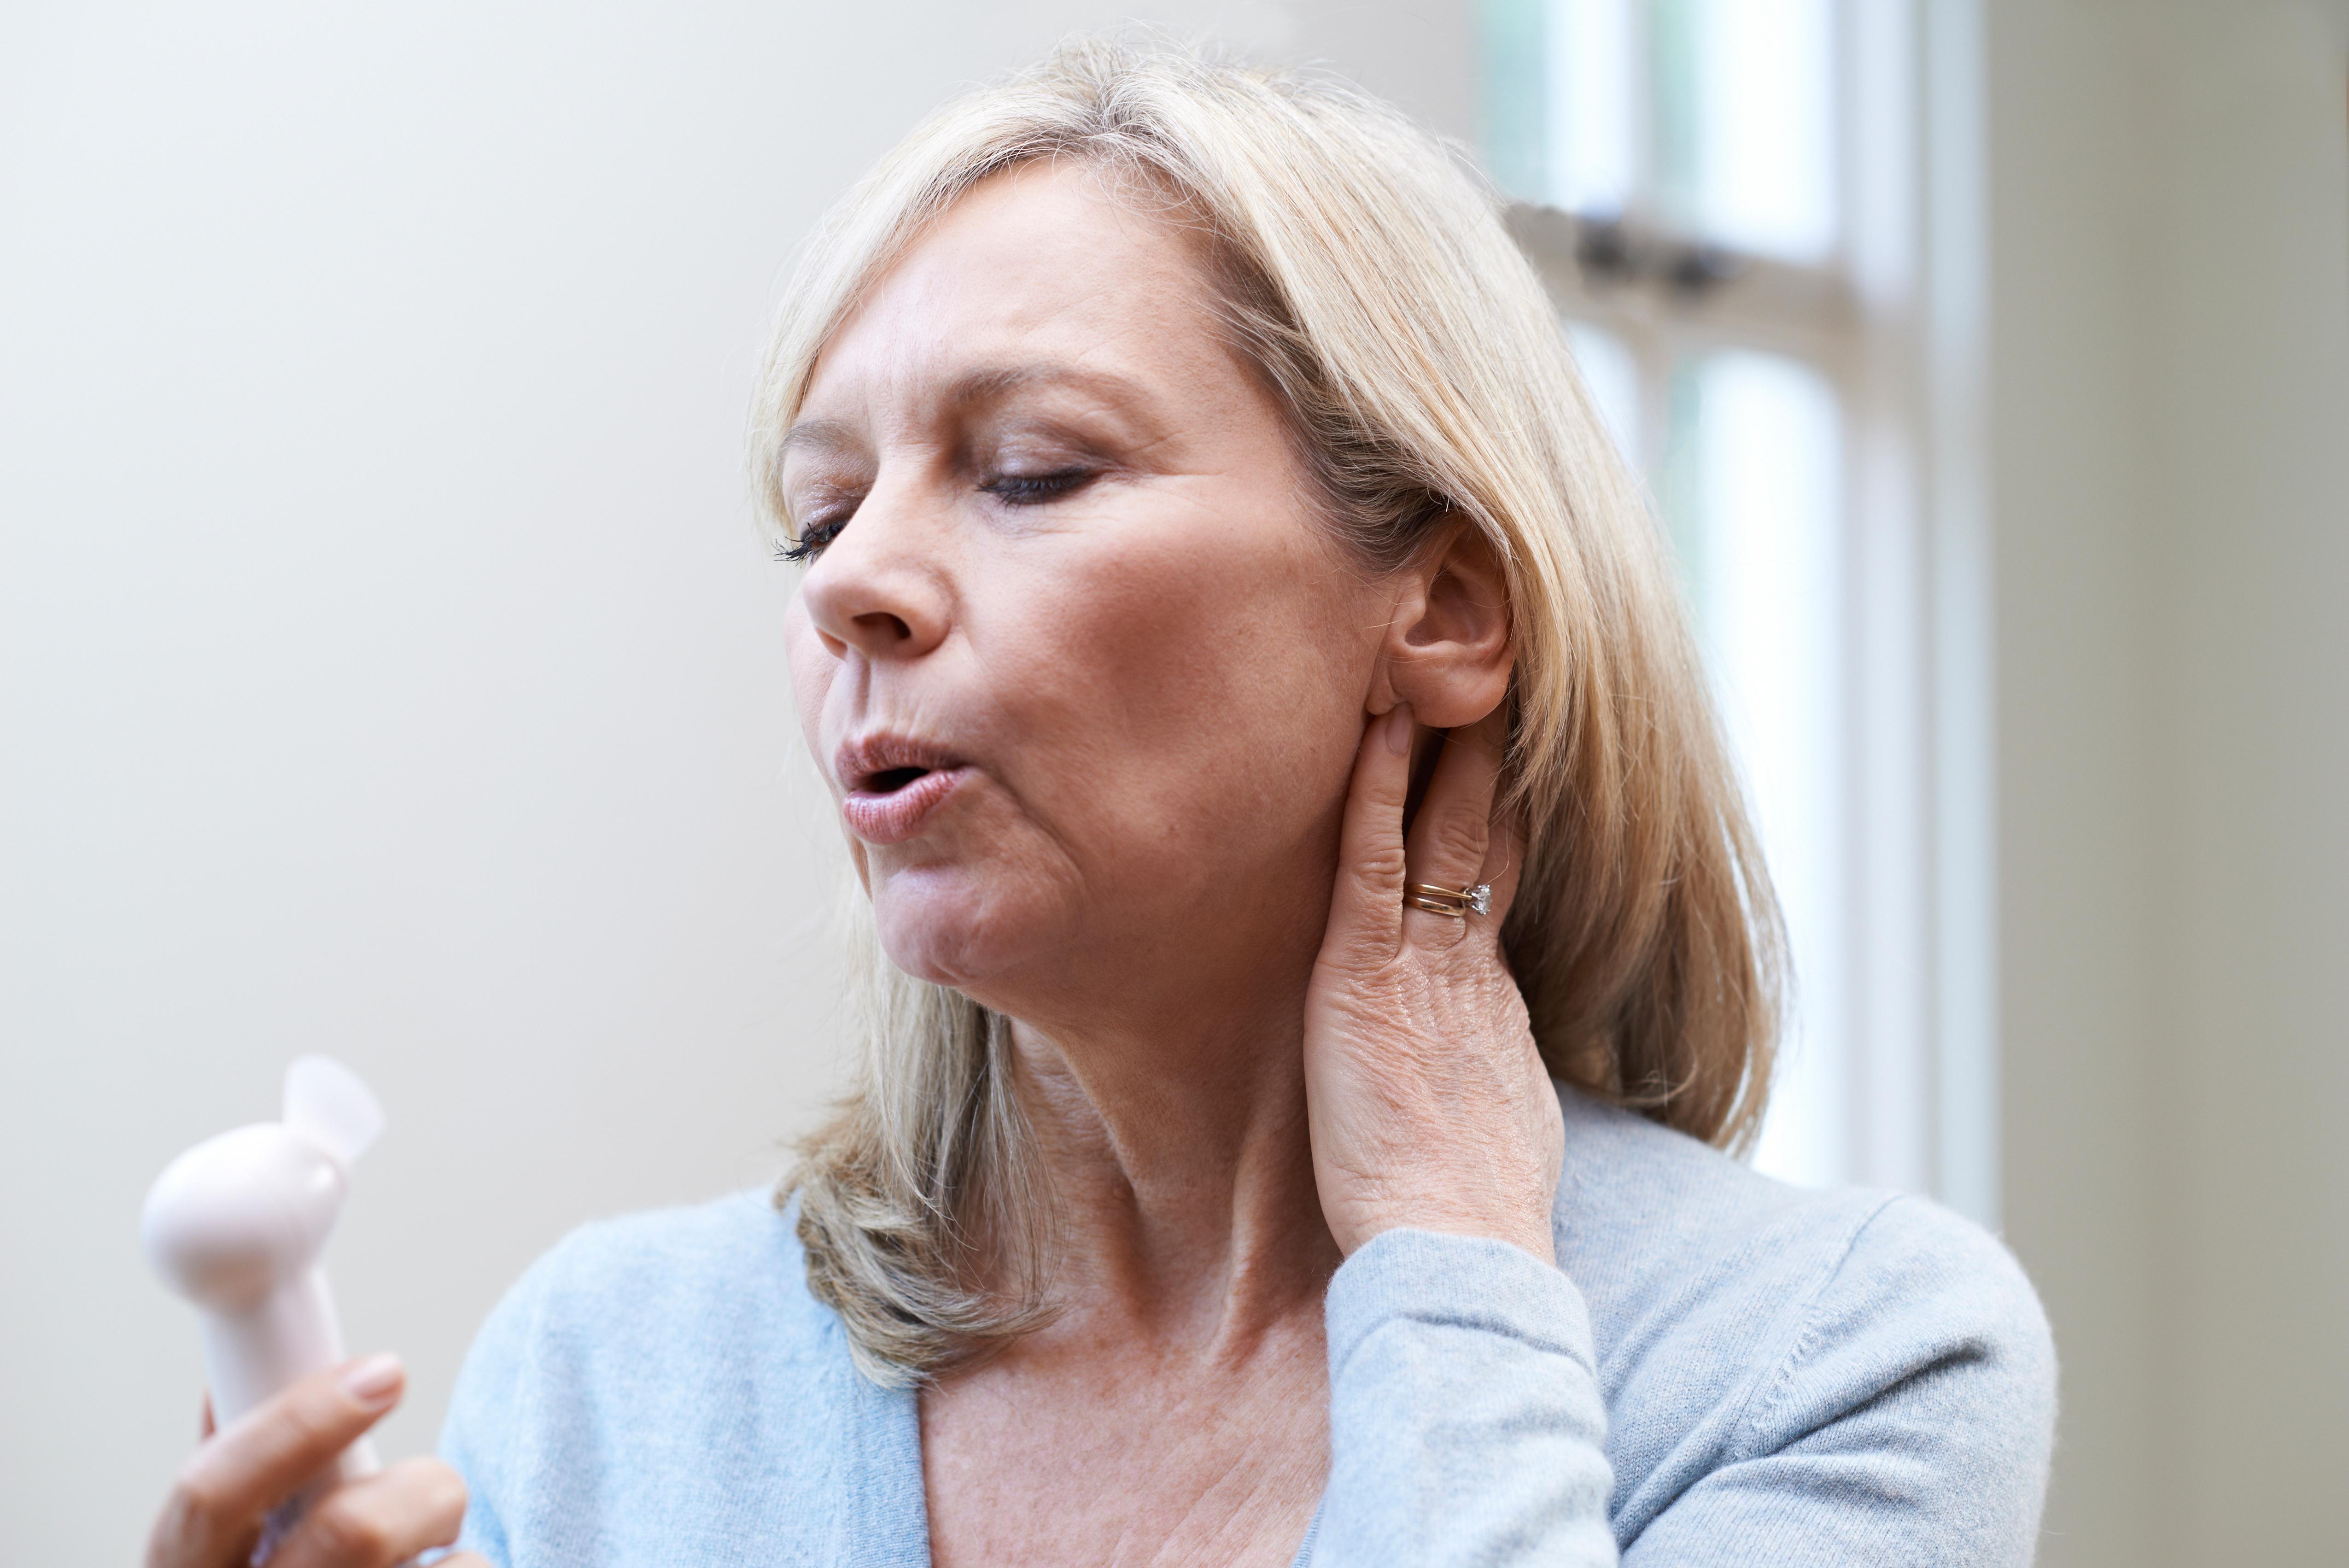 Nőgyógyászati Központ, 1015 Budapest, Ostrom utca 16. - A korai menopauza a csontritkulás kockázatát is növeli     - $rowNews.subtitle